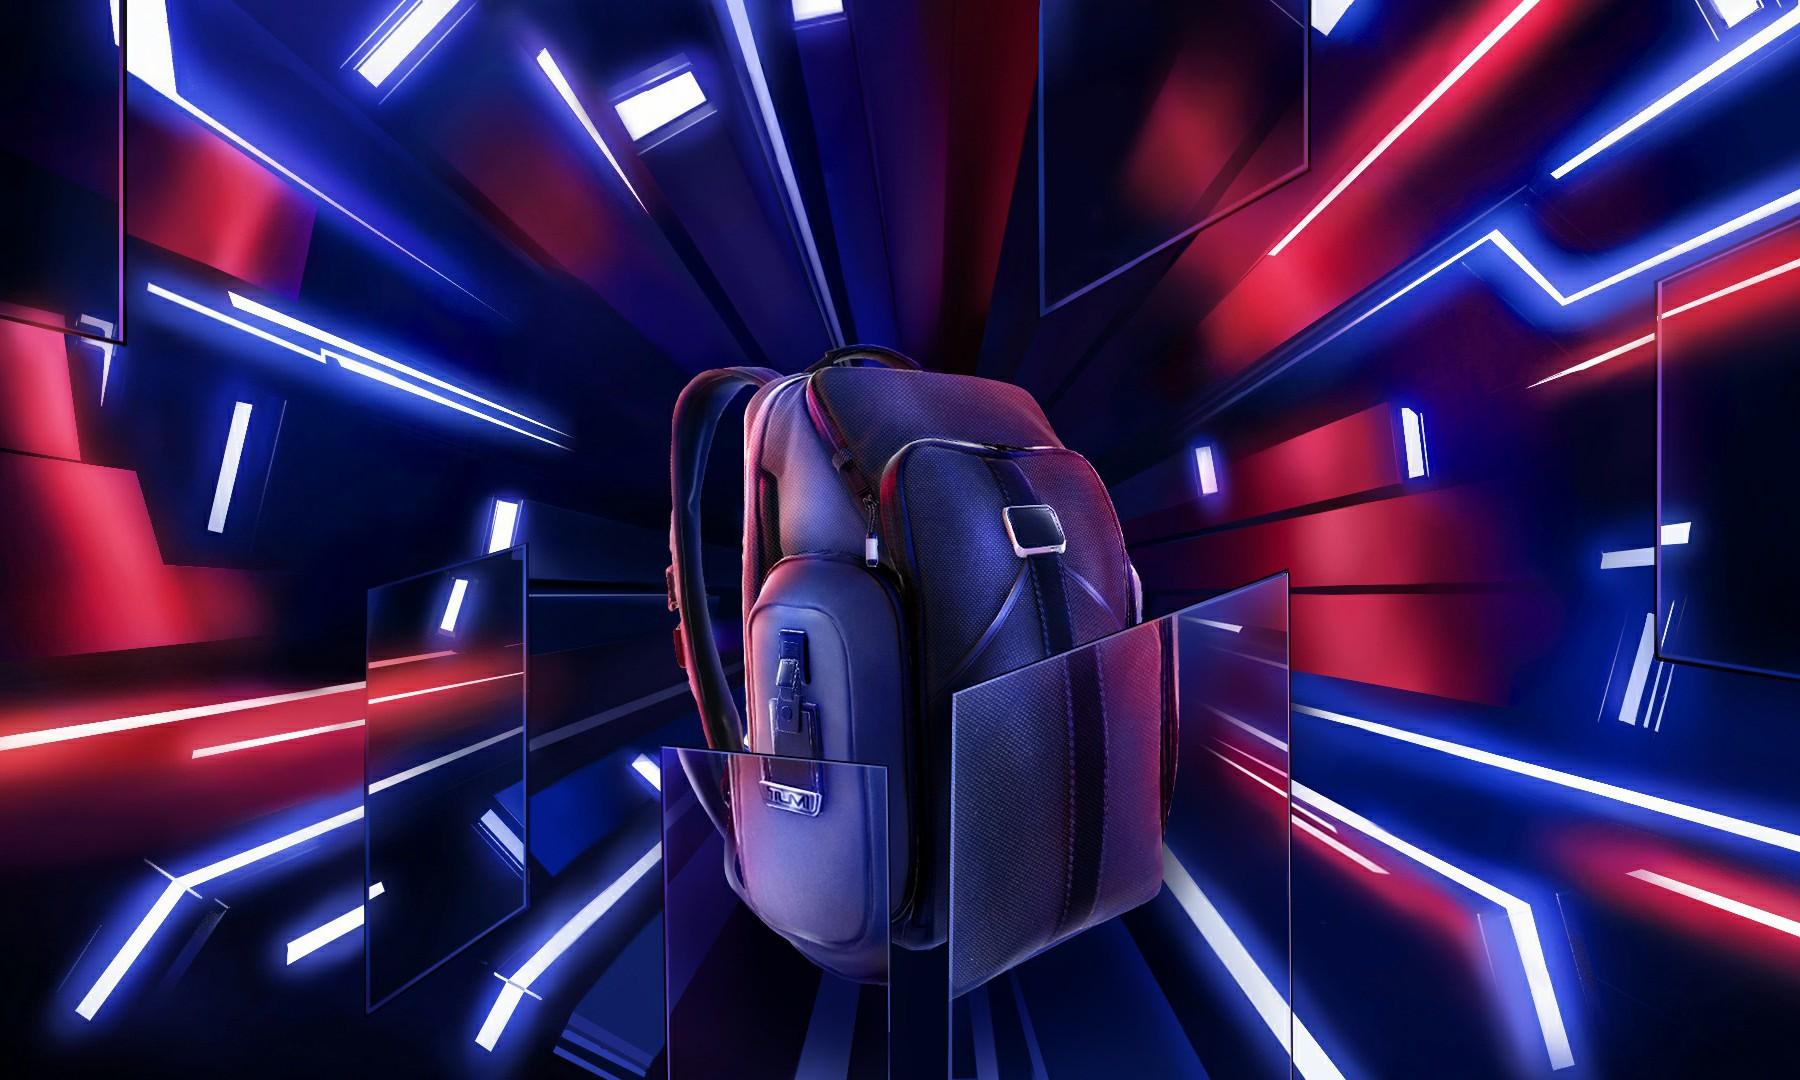 TUMI 首推专业级电竞包袋与配件系列